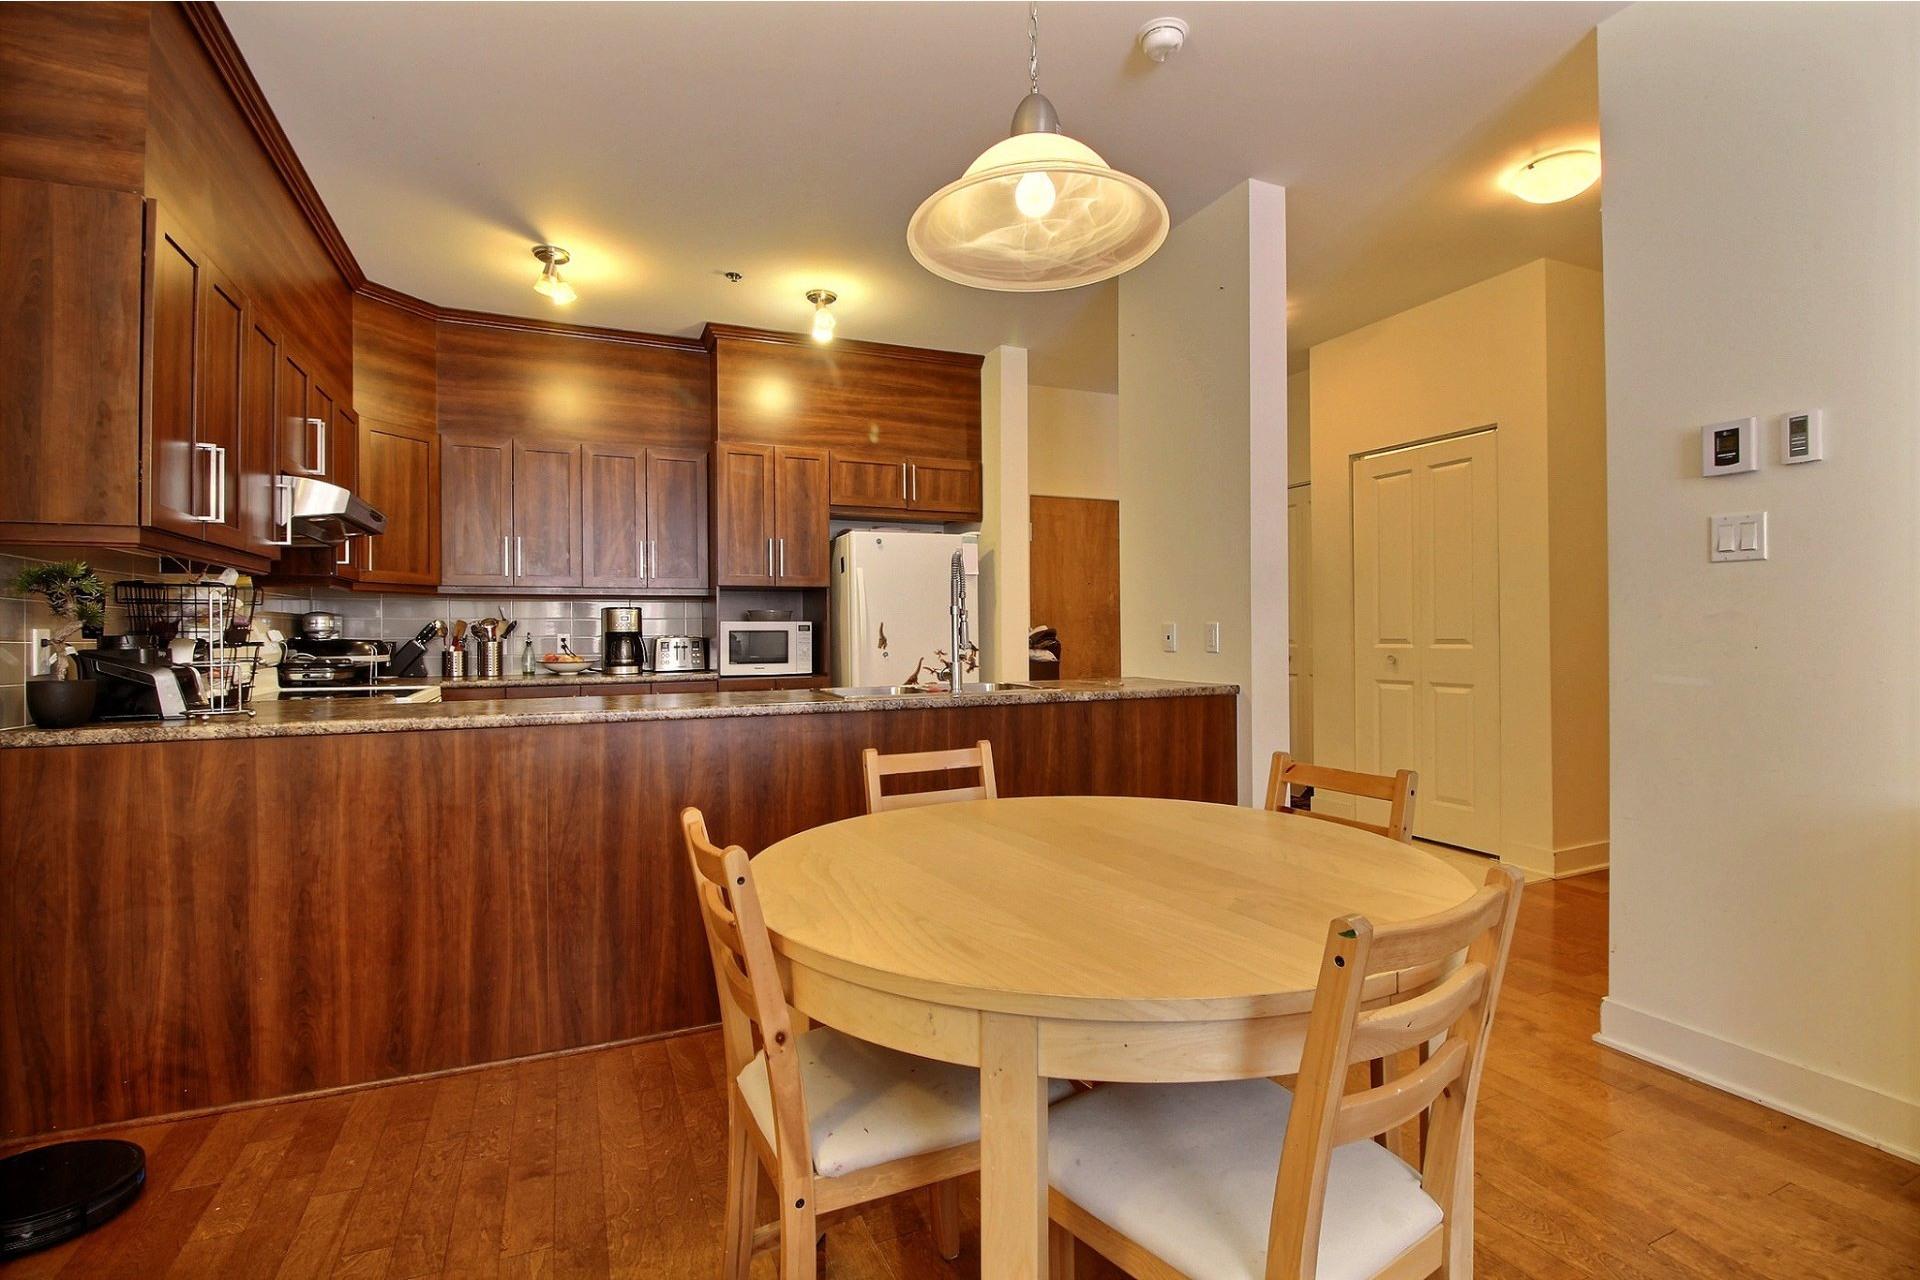 image 4 - Appartement À louer Rivière-des-Prairies/Pointe-aux-Trembles Montréal  - 6 pièces